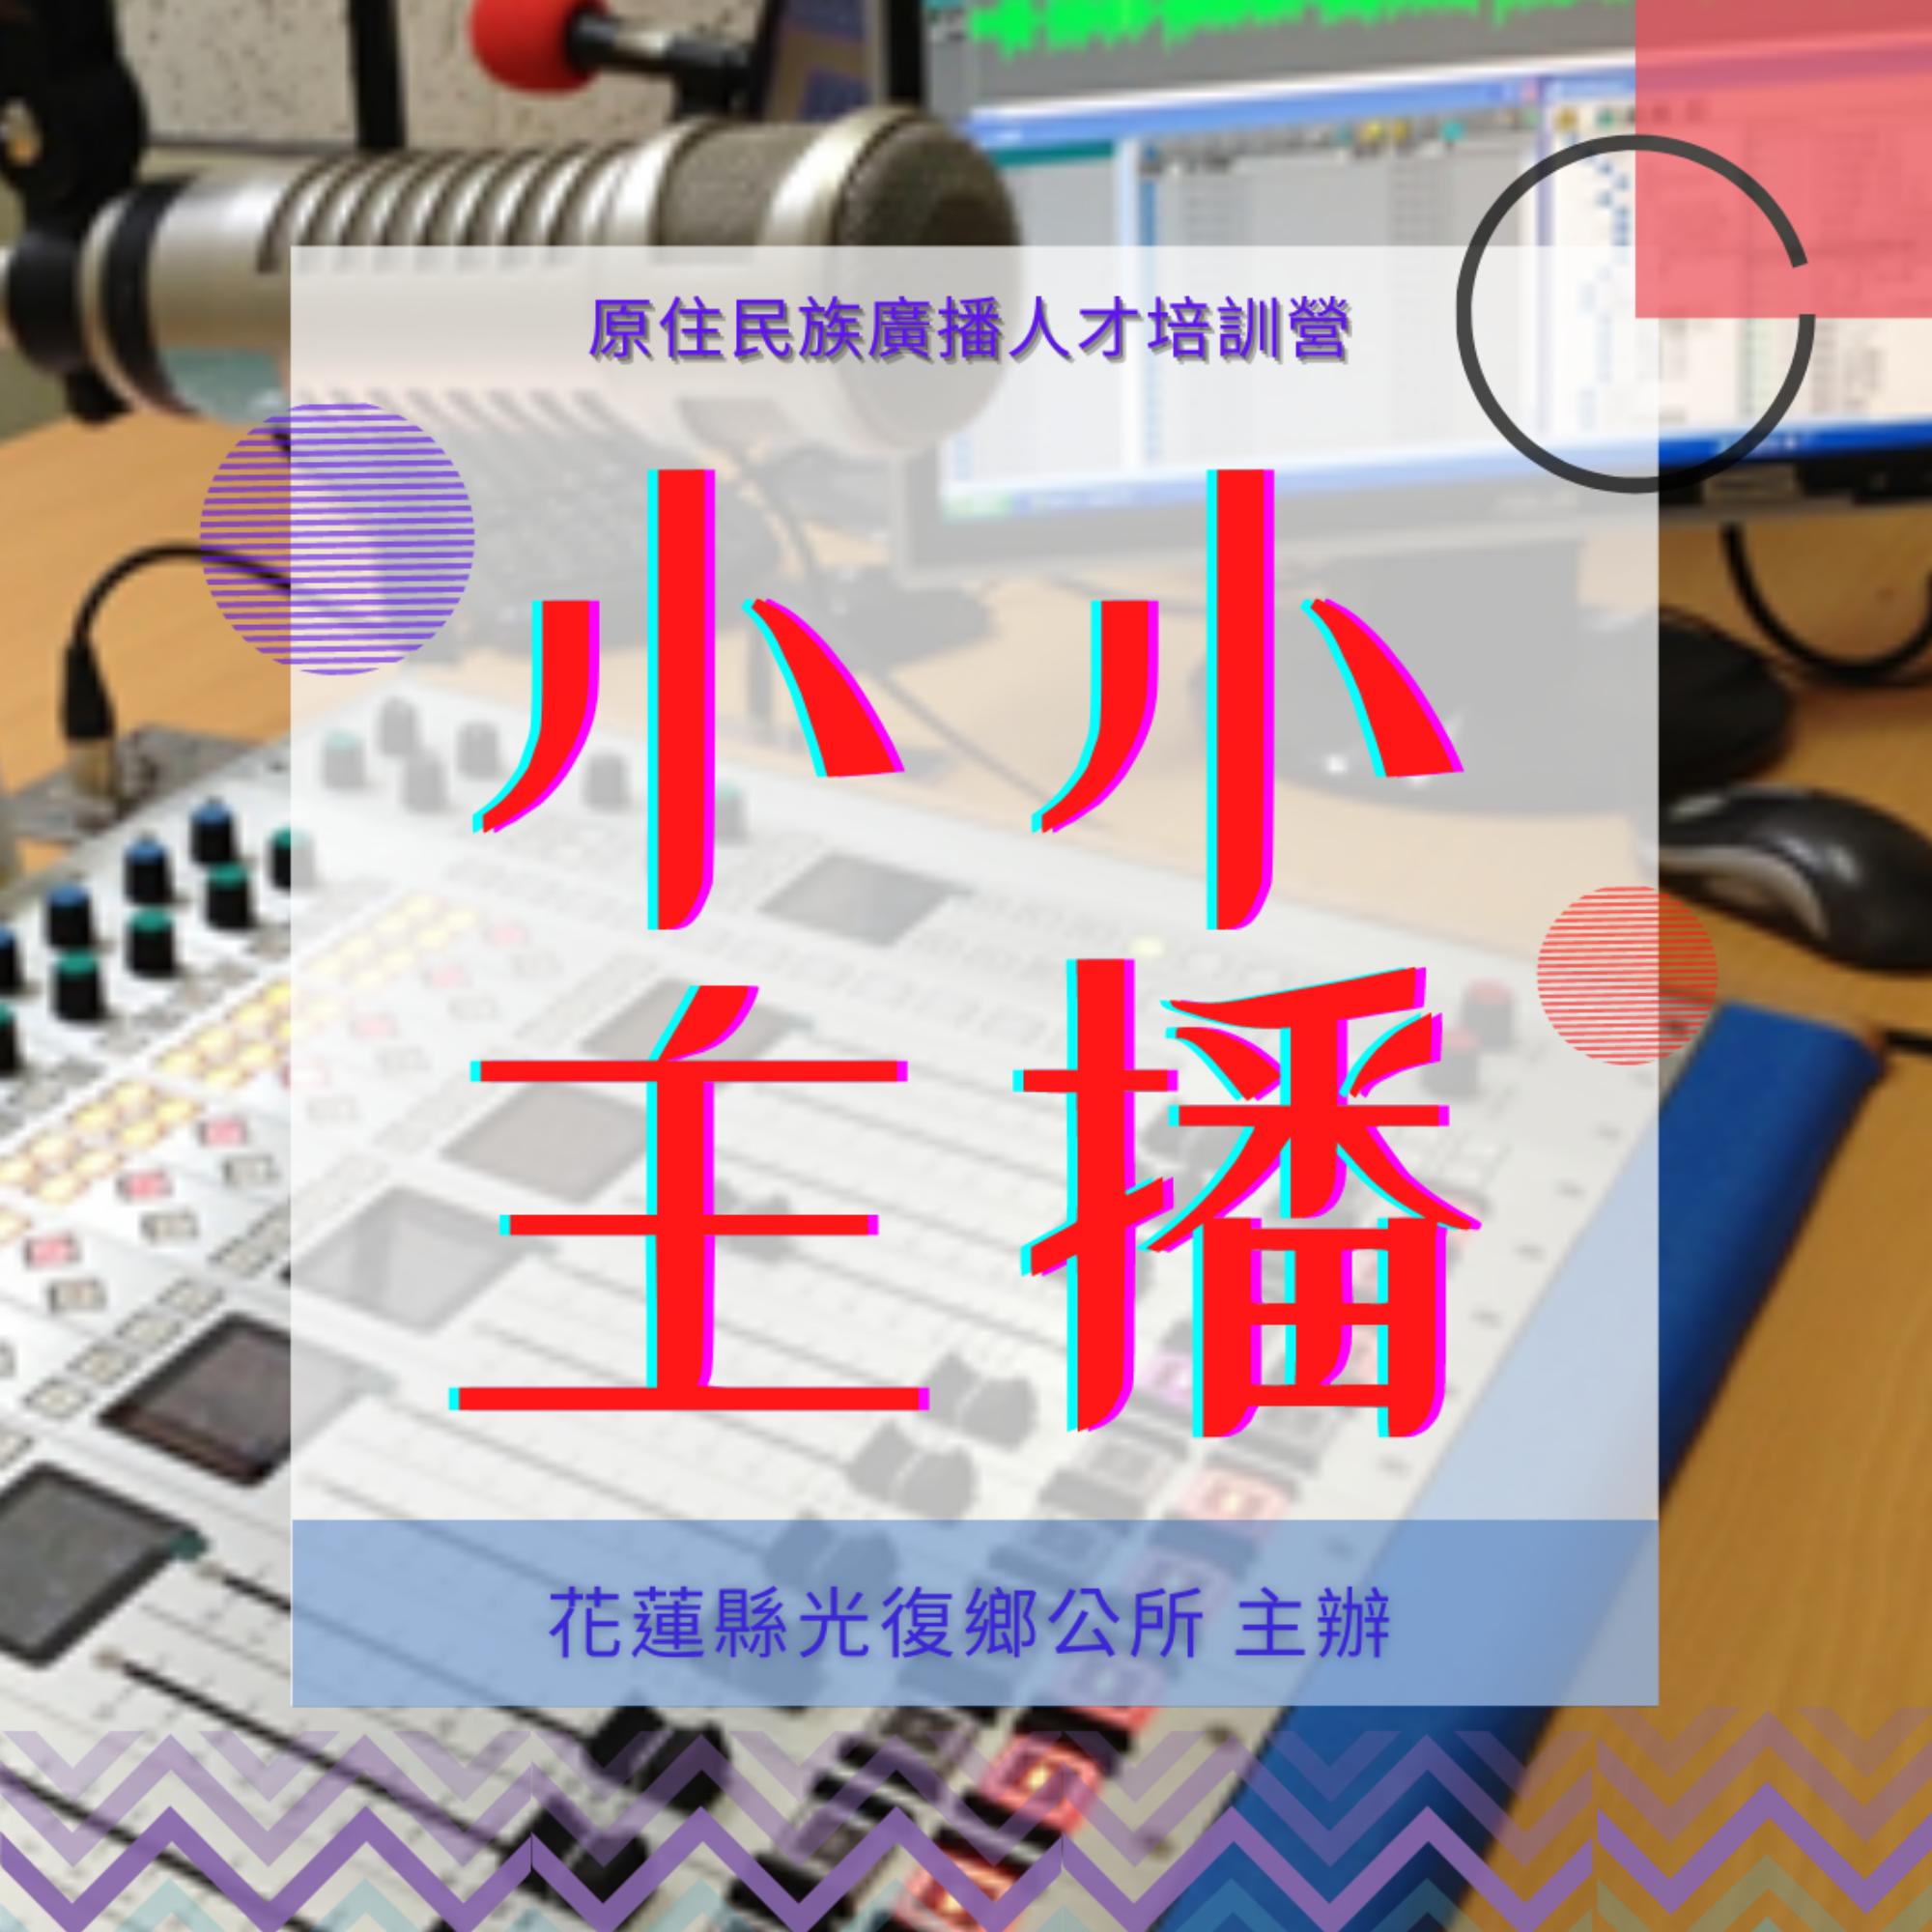 【小小主播營08】江昊:花蓮光復觀光糖廠